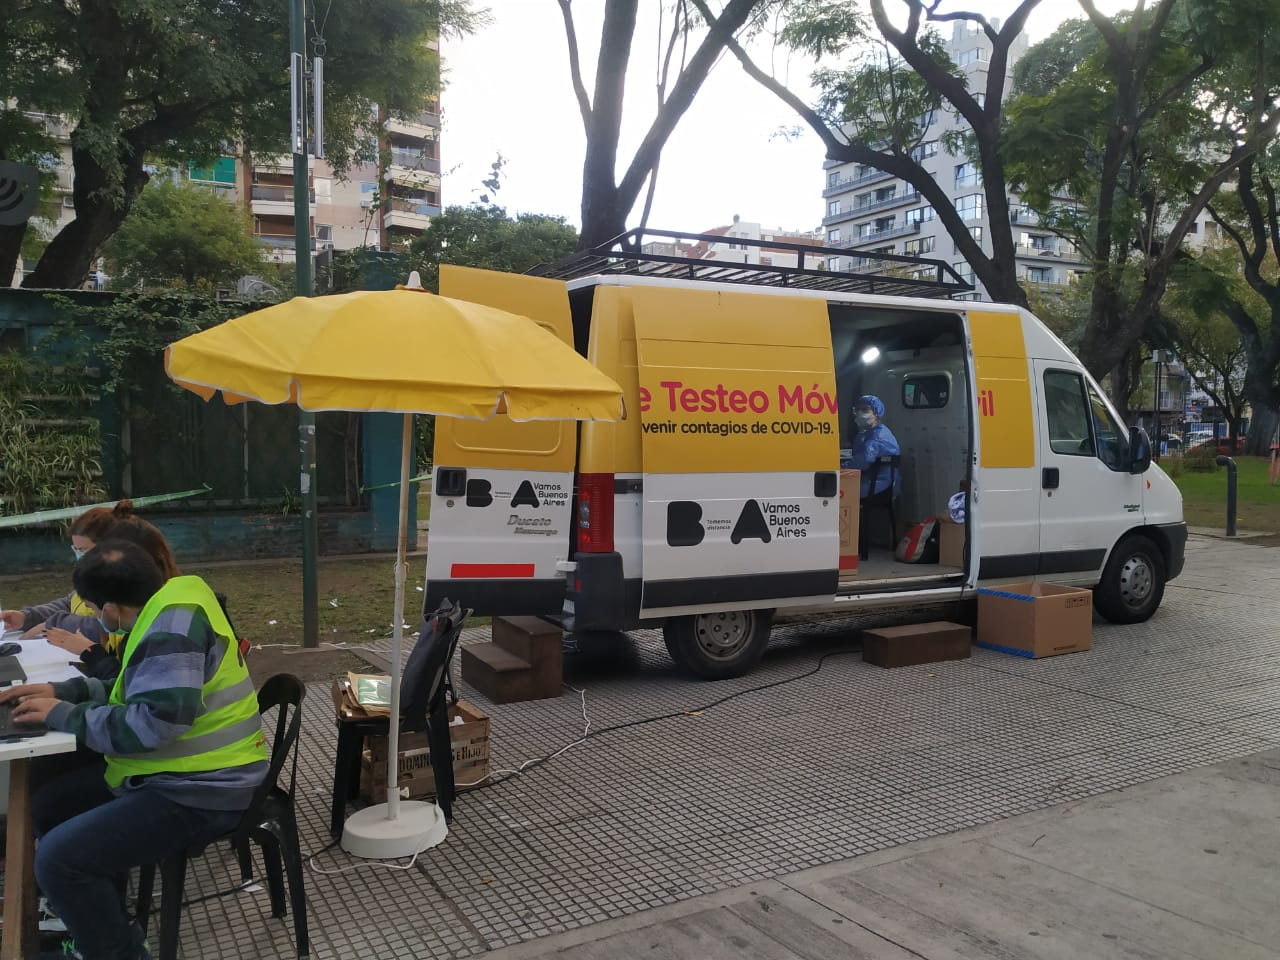 La Unidad de Testeo Móvil de la Comuna 12 estará en la Plaza Alem de Villa Pueyrredón